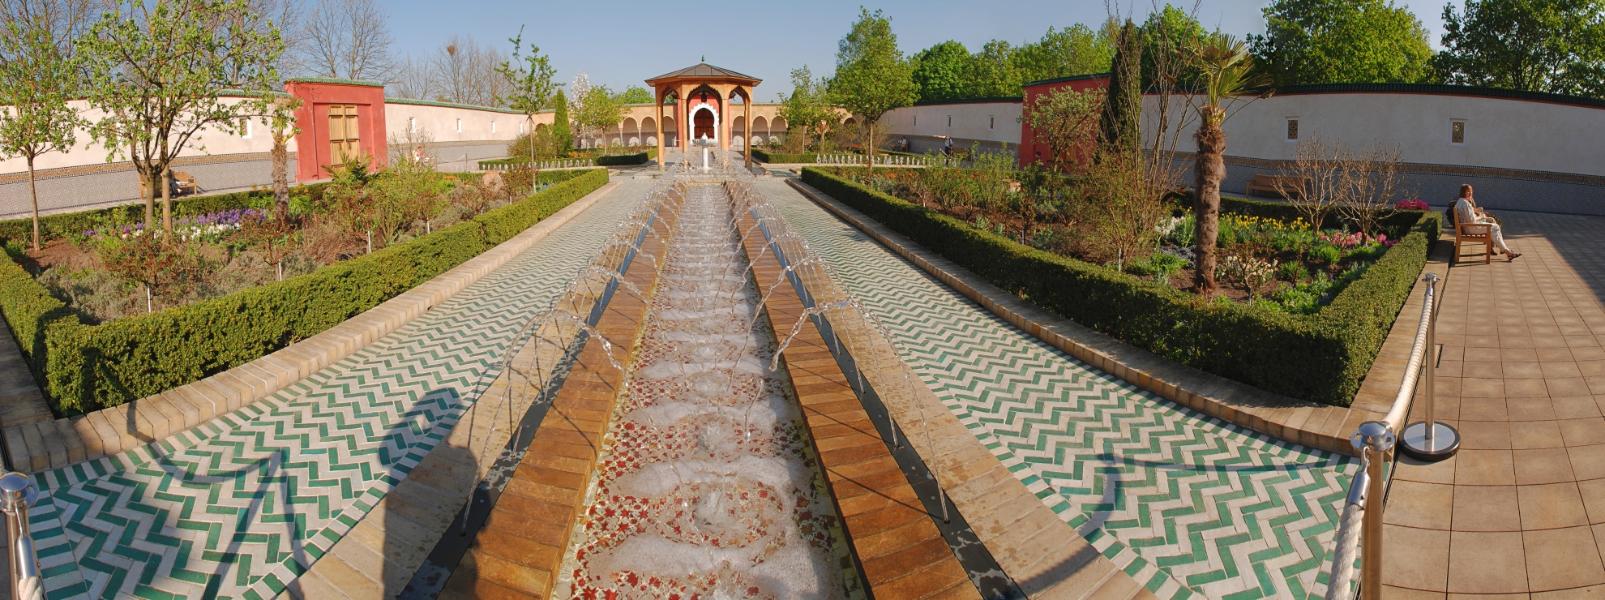 Orientalischer Garten - Gärten der Welt